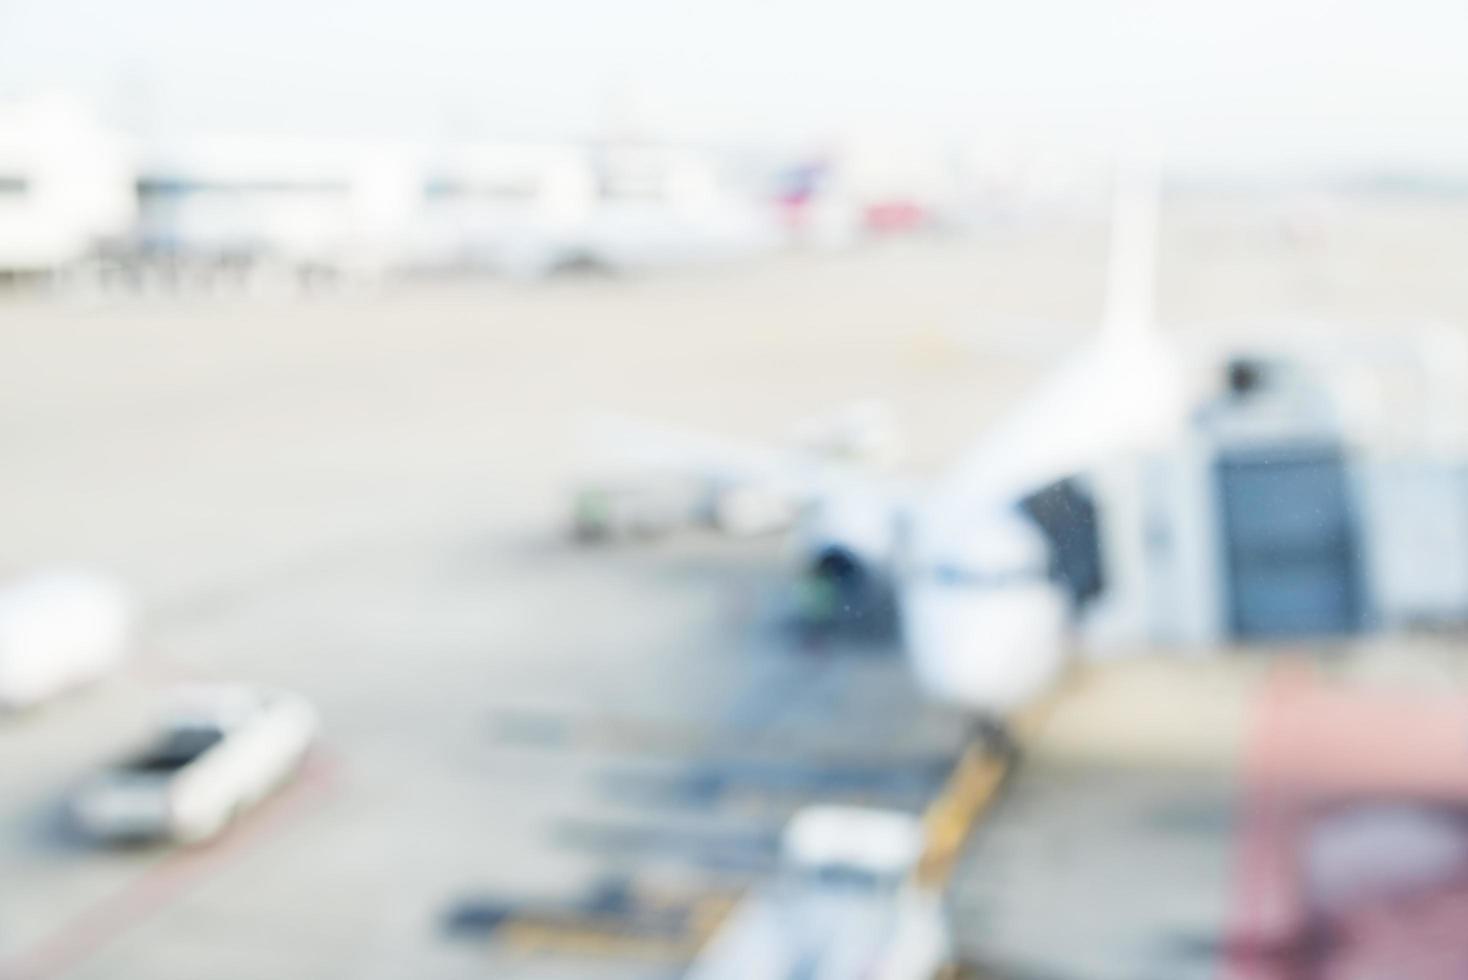 abstraktes Unschärfeflugzeug im Flughafen foto